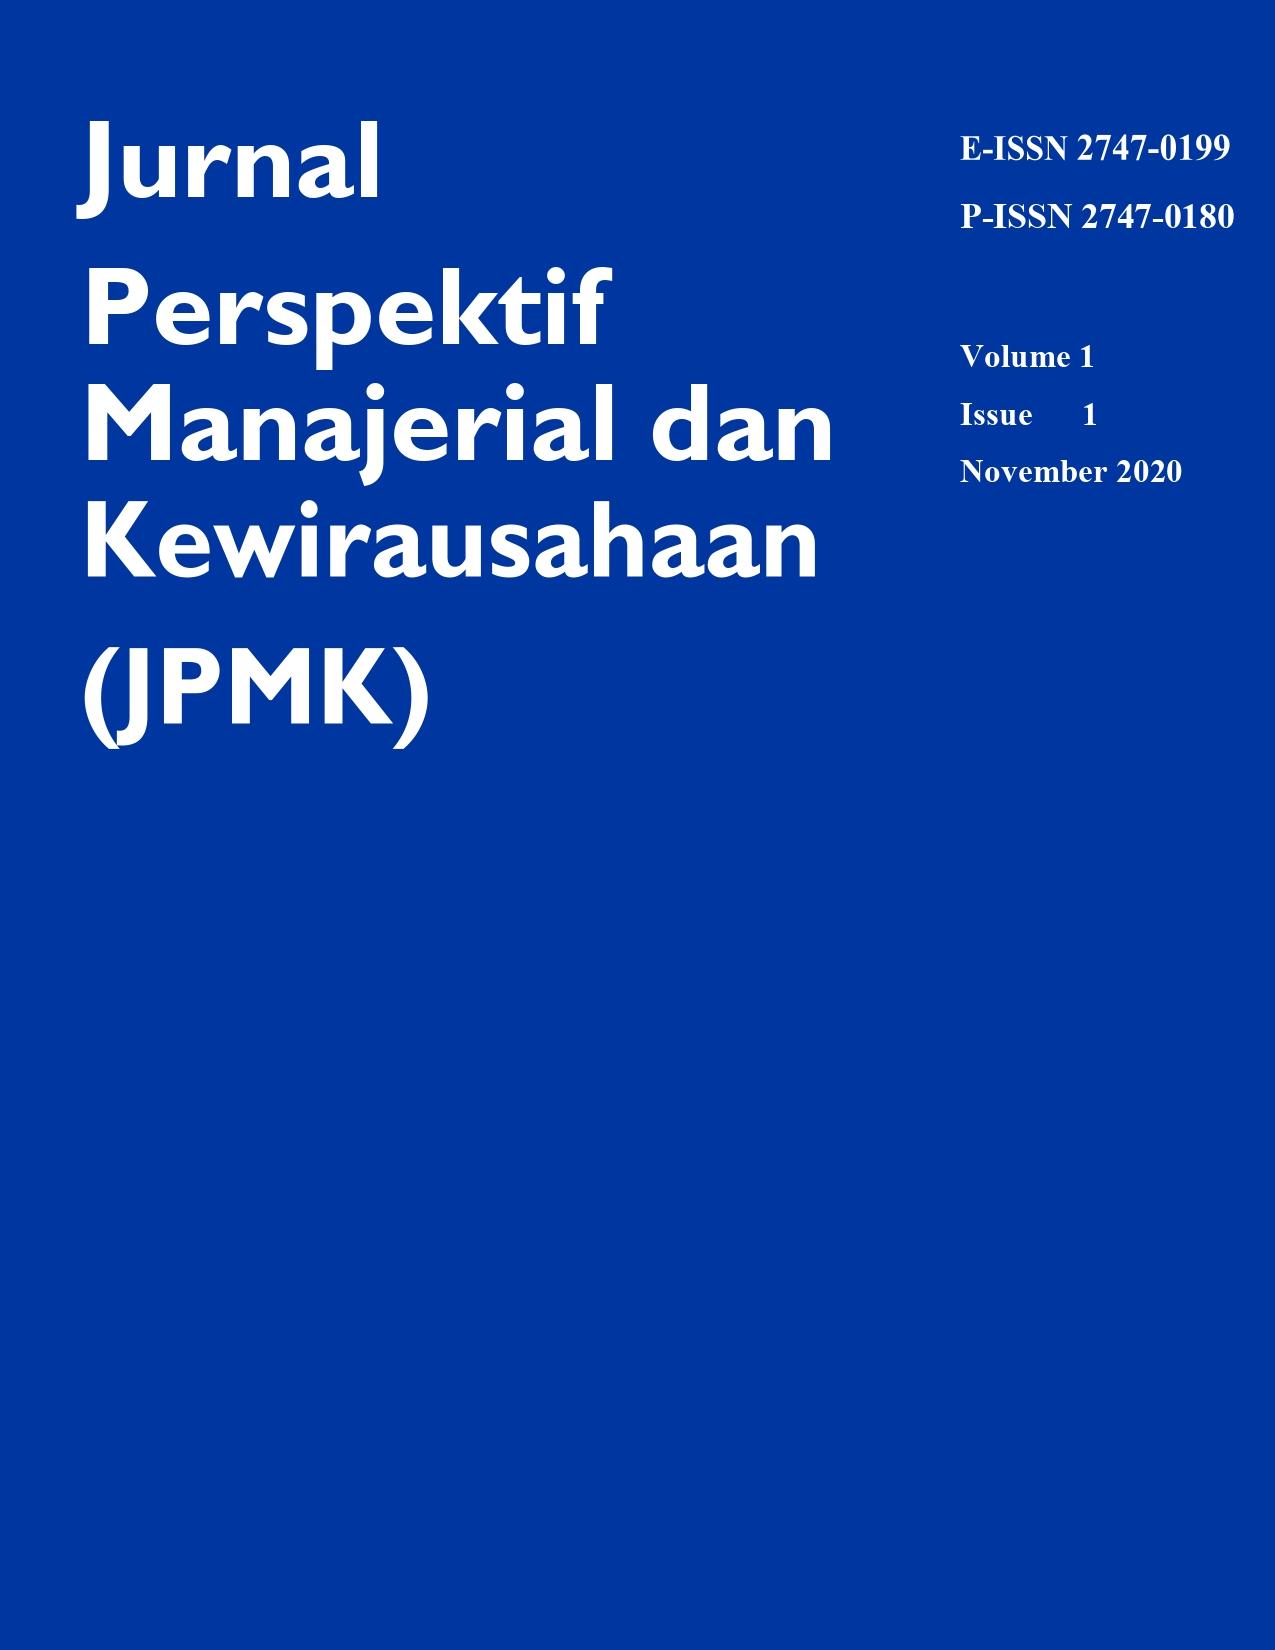 Lihat Vol 1 No 1 (2020): Jurnal Perspektif Manajerial dan Kewirausahaan (JPMK) (November 2020)